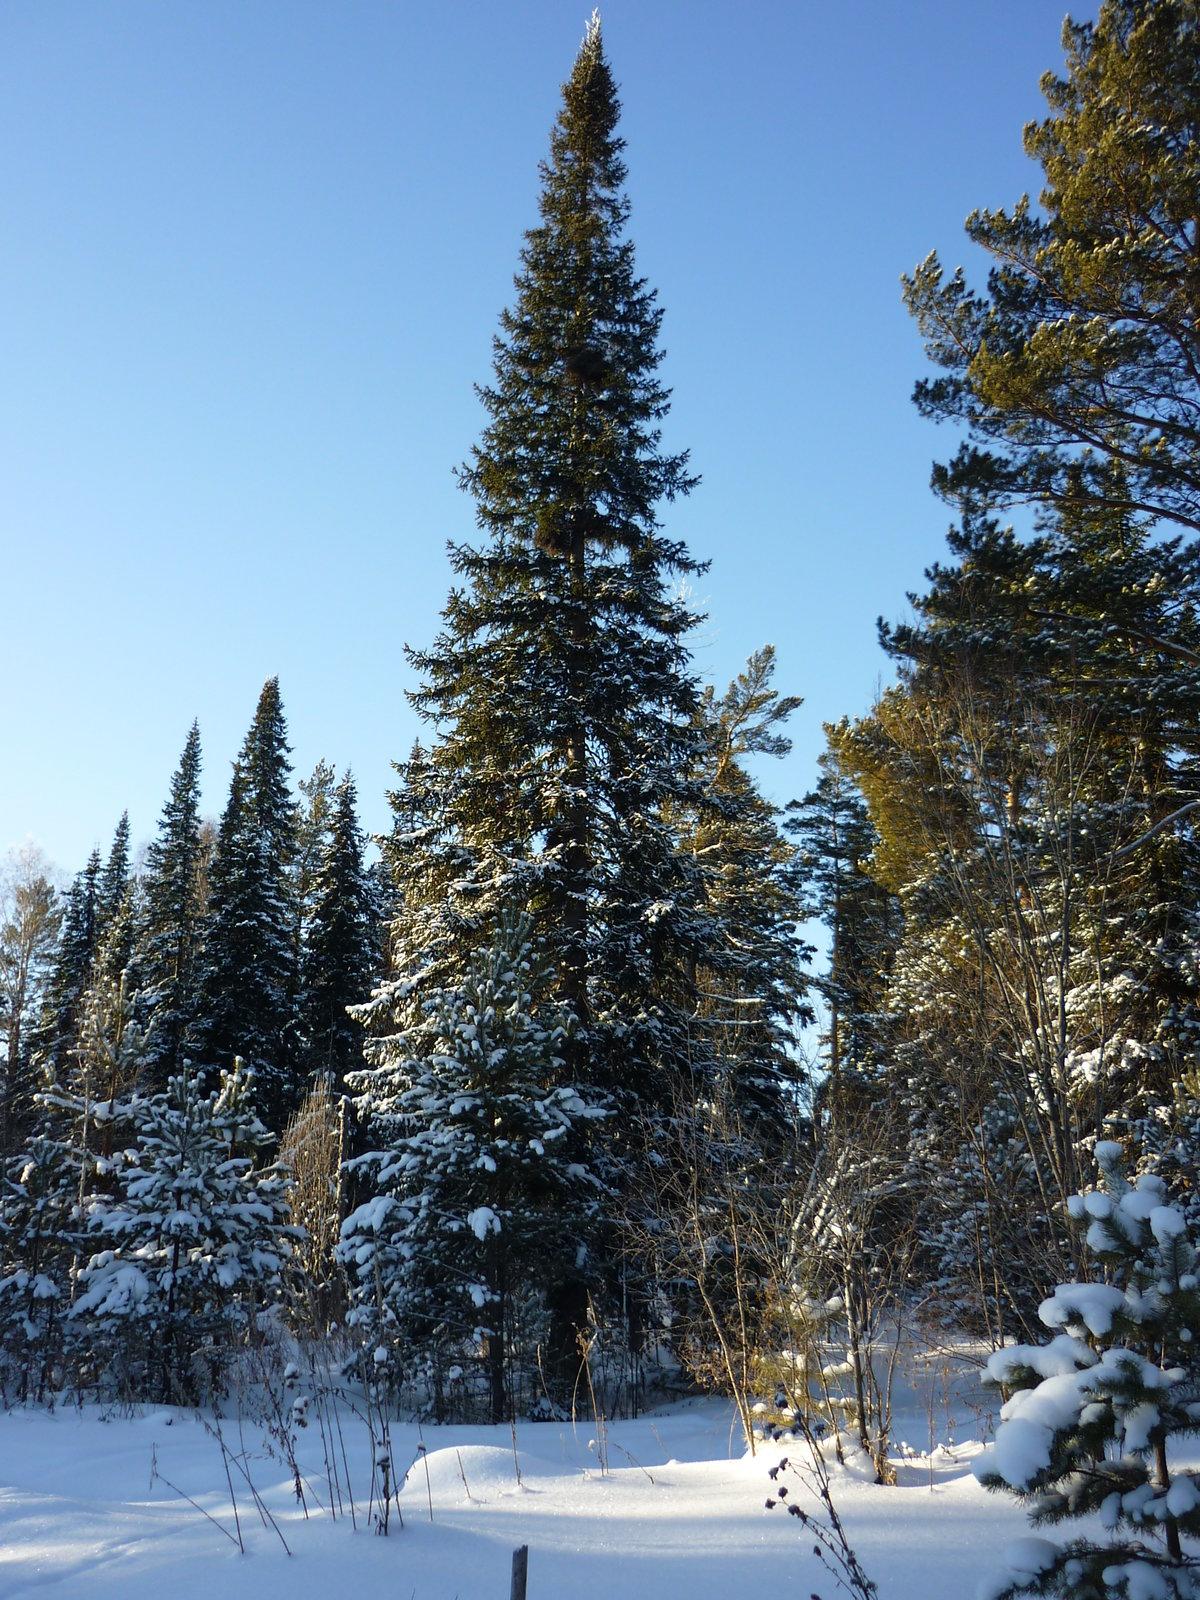 бесплатный, ели зимой в лесу фото шнура